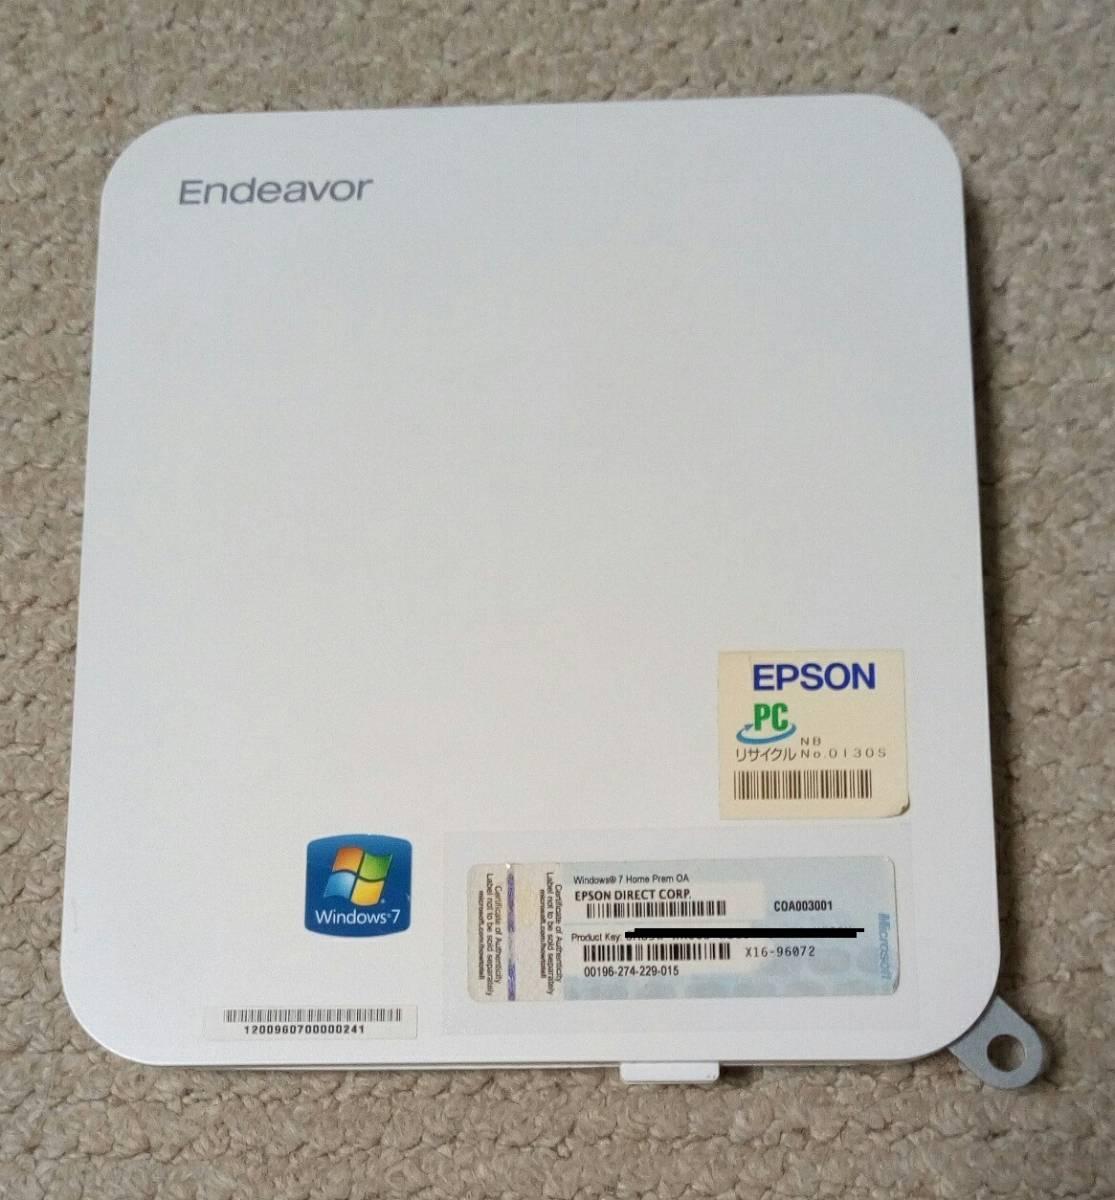 【超小型PC】EPSON Endeavor NB51E★CPU:AMD E2-1800 (1.7GHz)★メモリ:4GB★HDD 500GB★Win7★中古_画像2